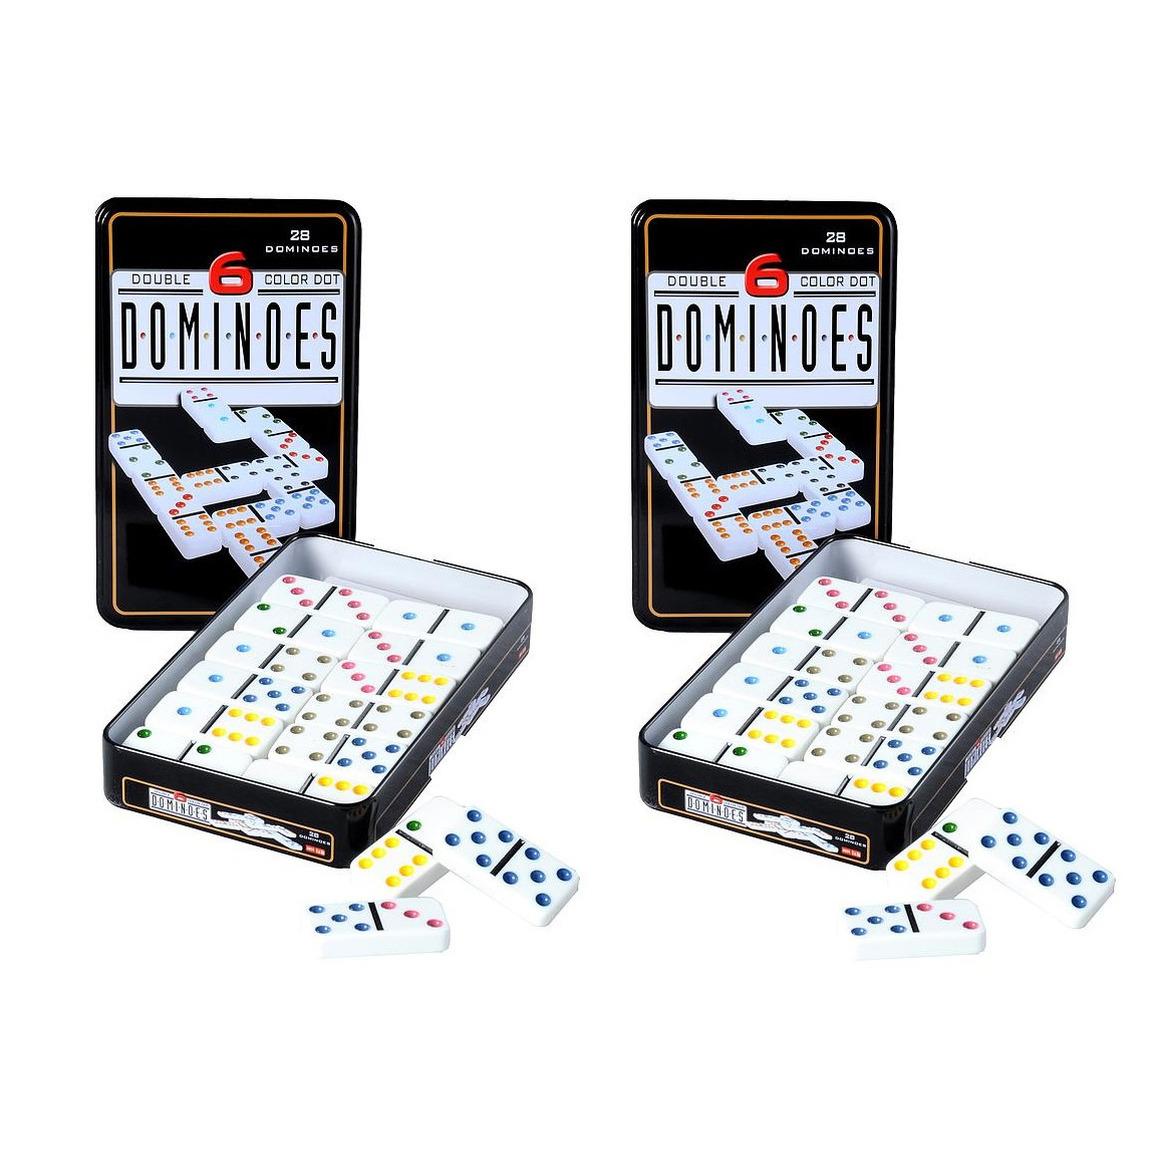 Domino spel dubbel double 6 in blik en 140x gekleurde stenen